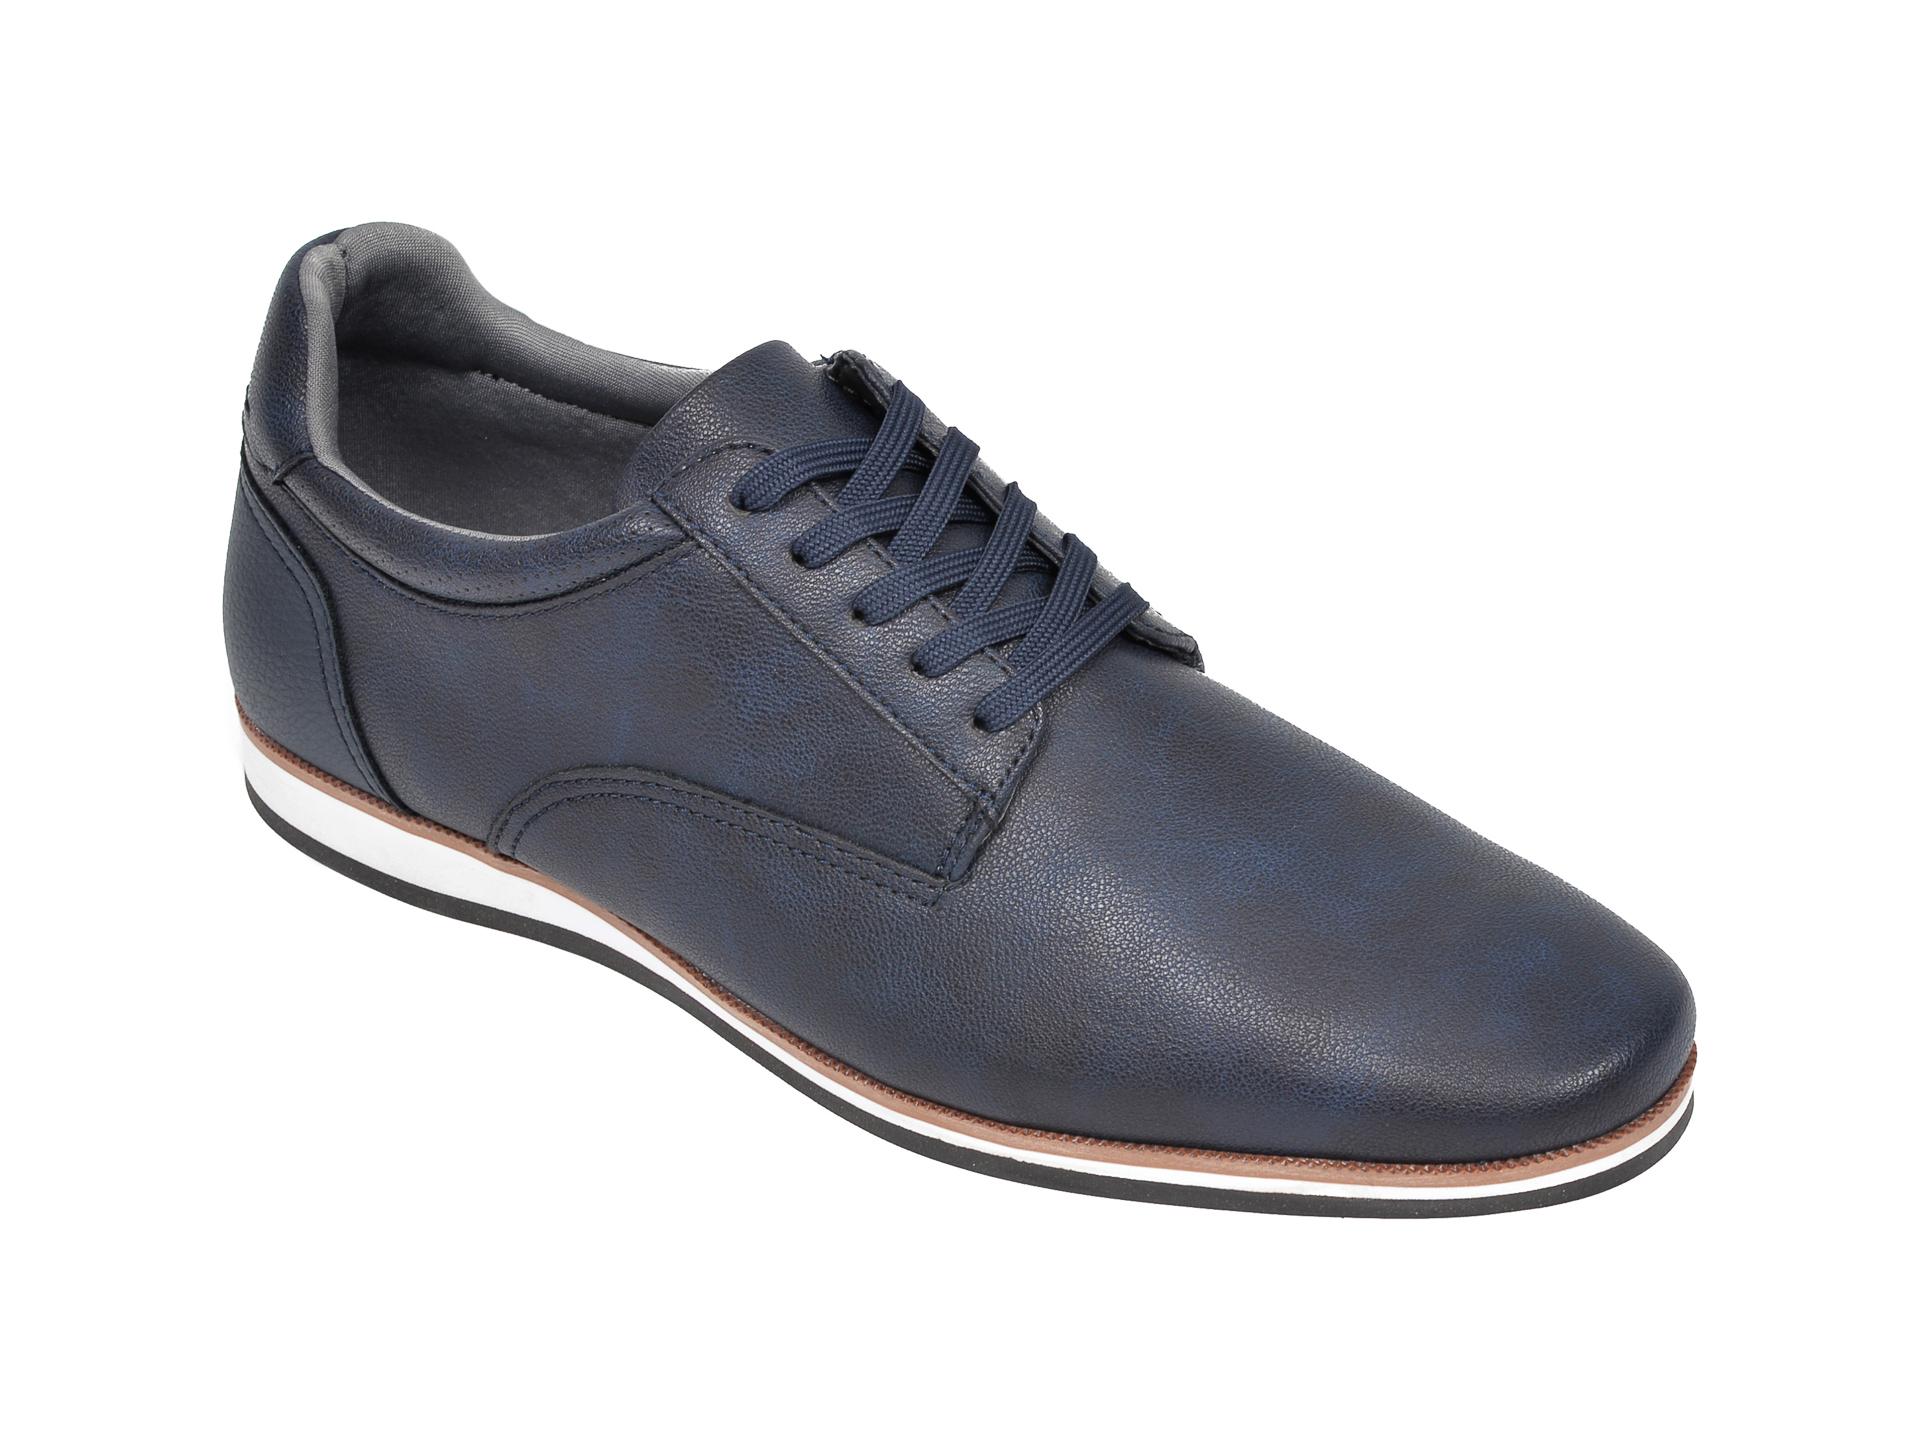 Pantofi Aldo Bleumarin, Toppole969, Din Piele Ecologica